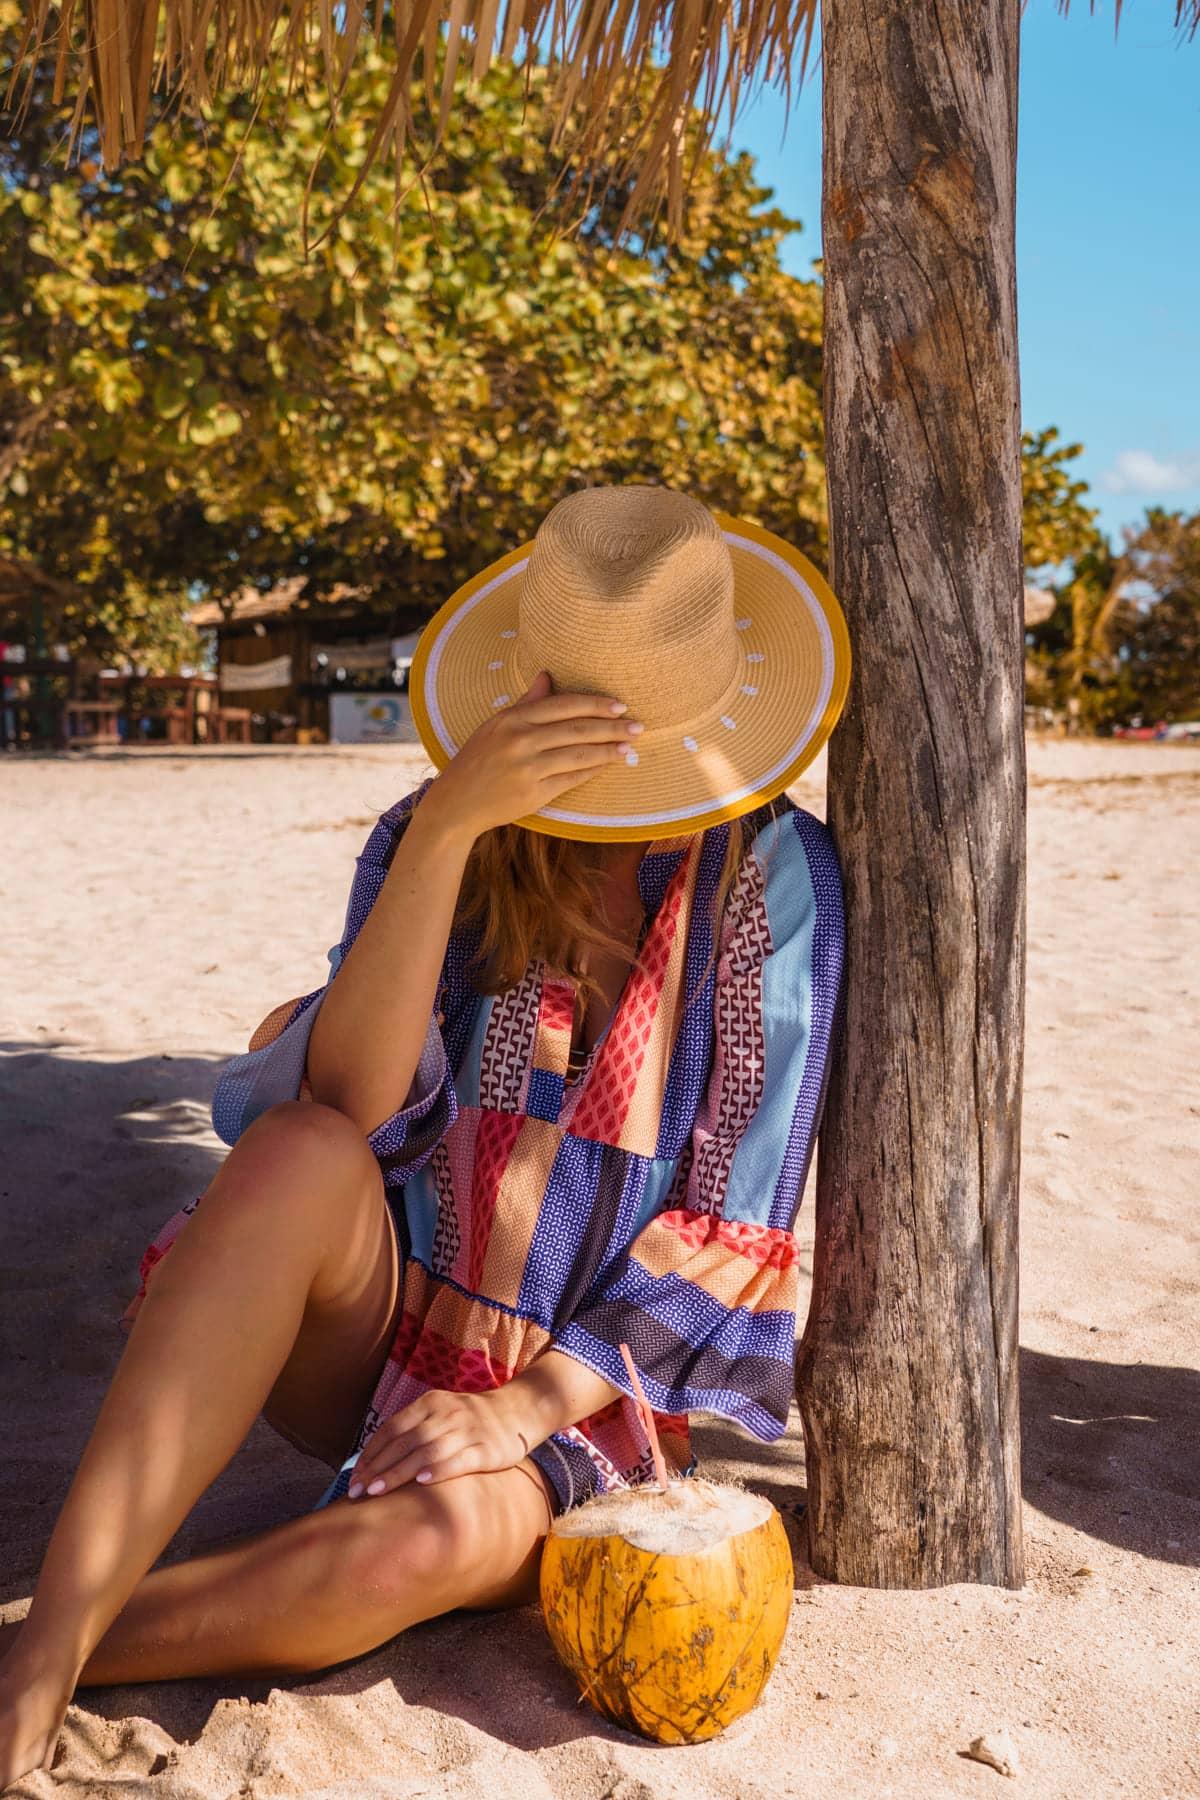 10 Must-Do Reisetipps für Trinidad auf Kuba - Playa Ancon